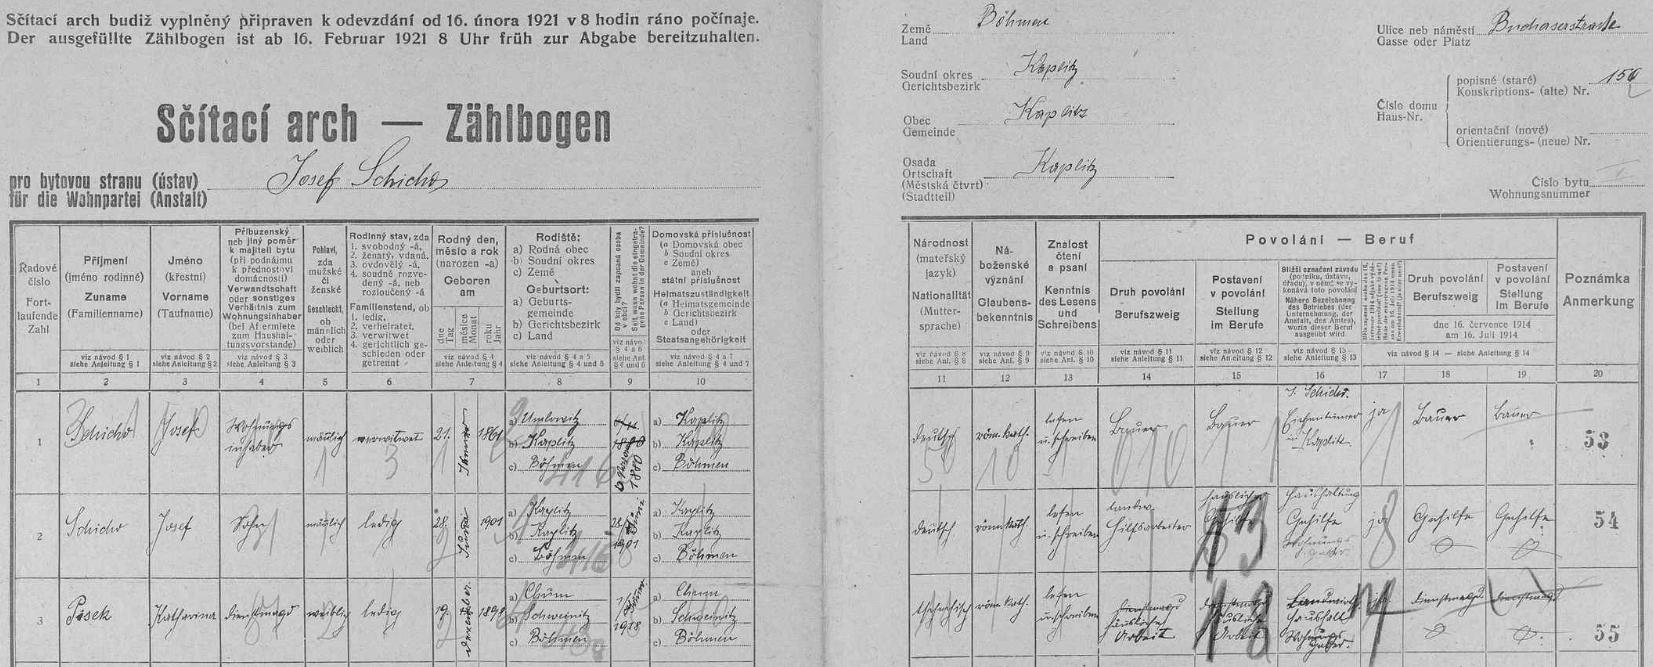 """Arch sčítání lidu z roku 1921, kdy Josef Schicho """"nejmladší"""" ještě nebyl na světě, pro kaplický dům č. 150 na """"Pucheřské silnici"""" (Bucherserstraße)"""